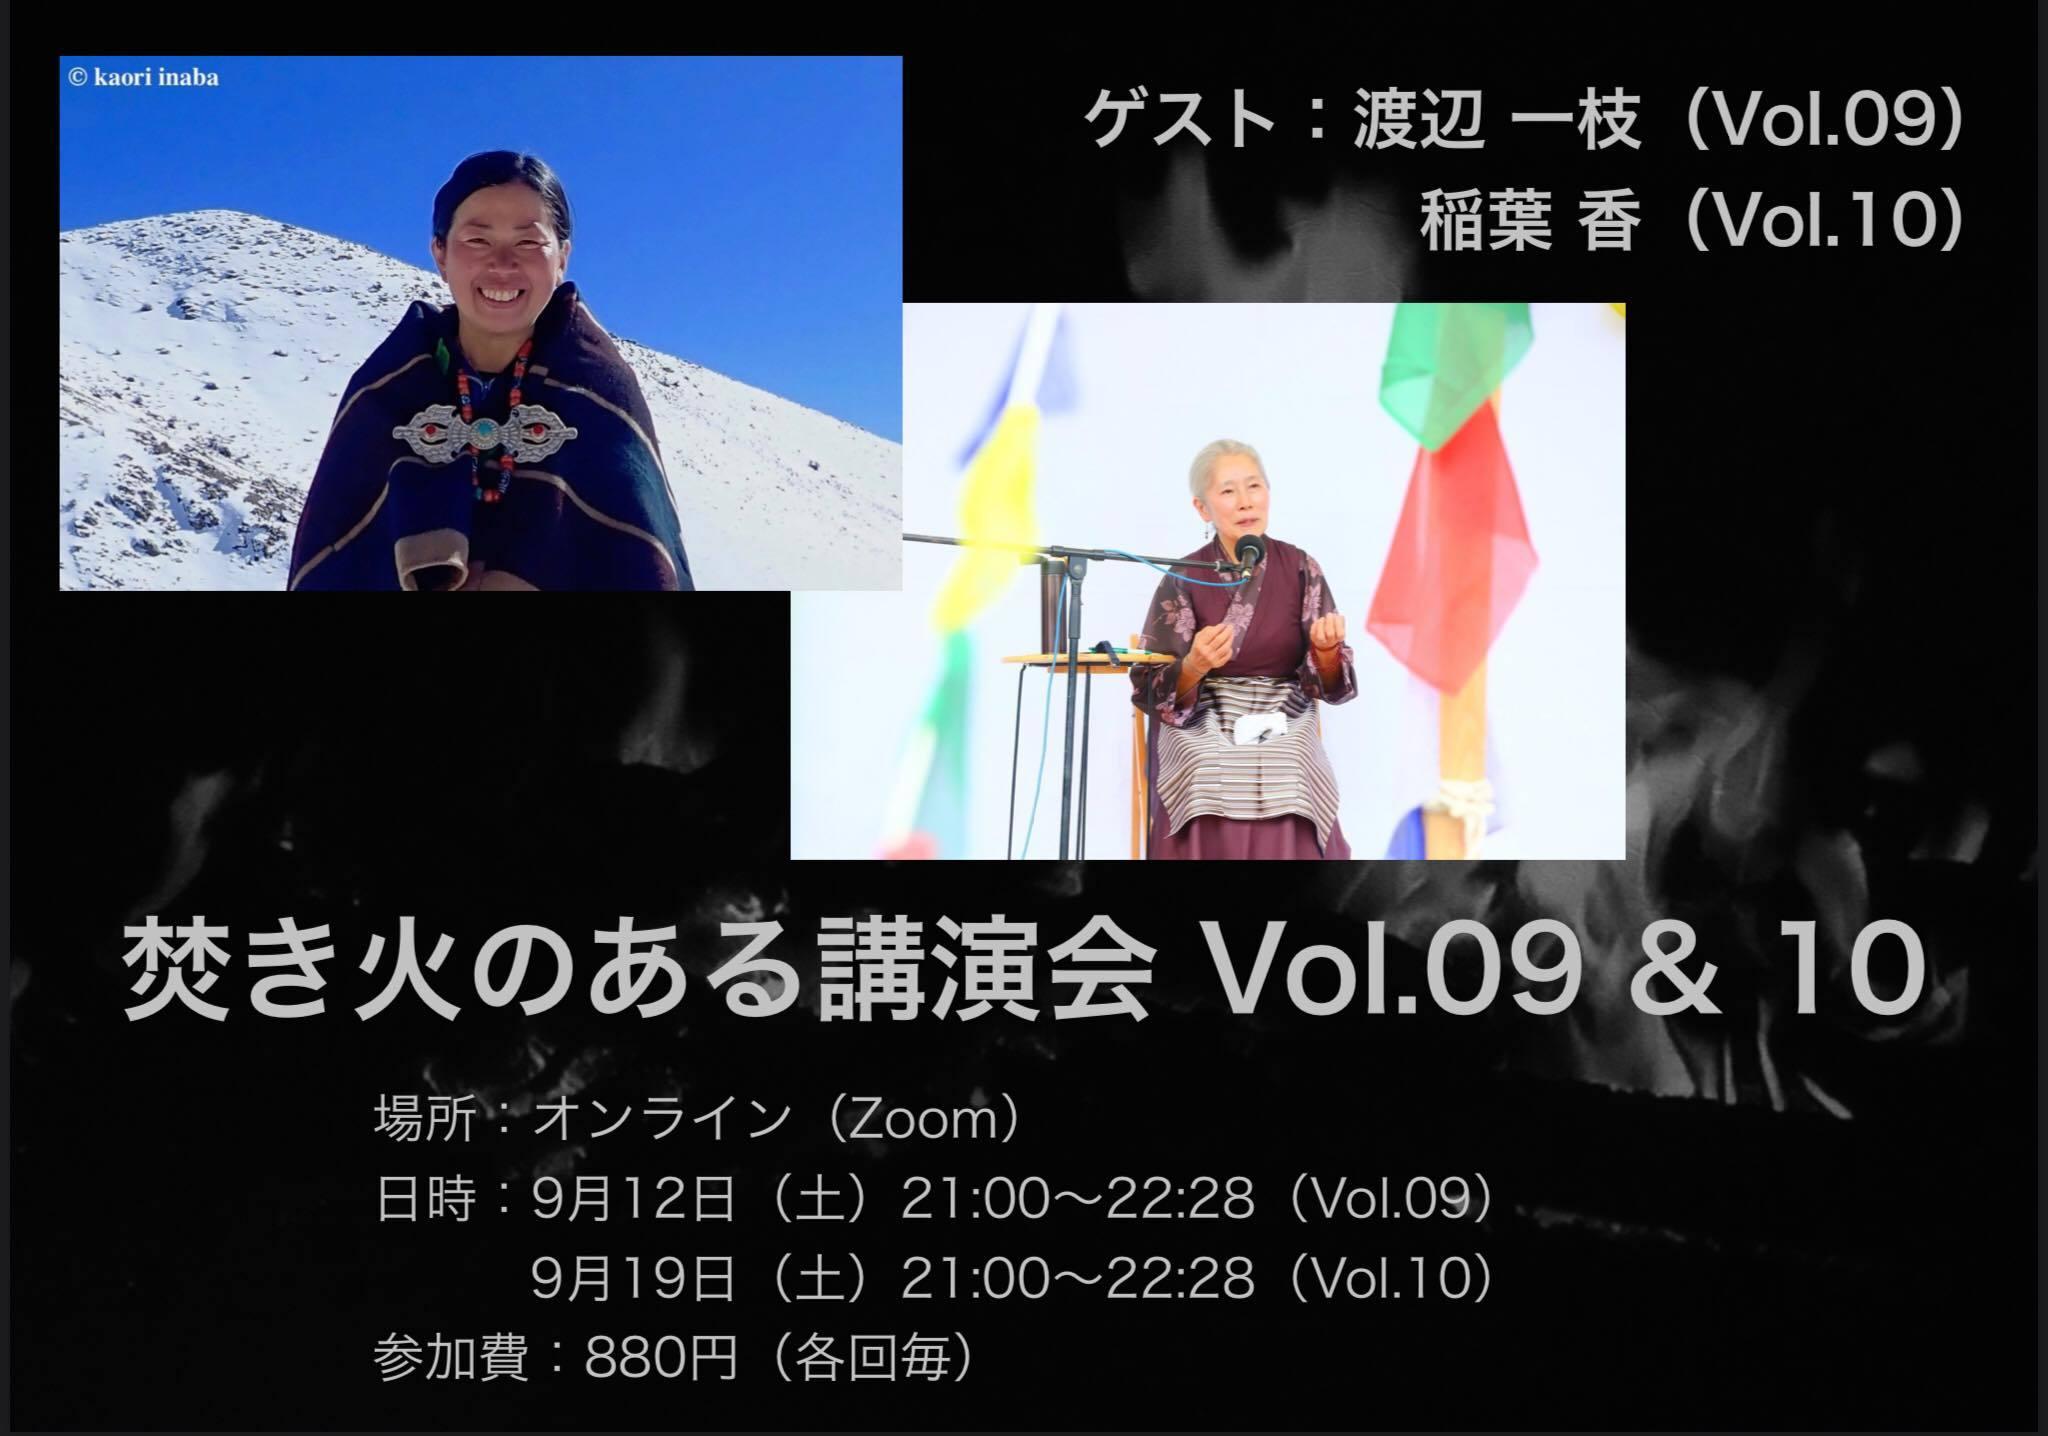 9/19 (土)  焚き火のある  オンライン講演会!  _e0111396_15345151.jpg